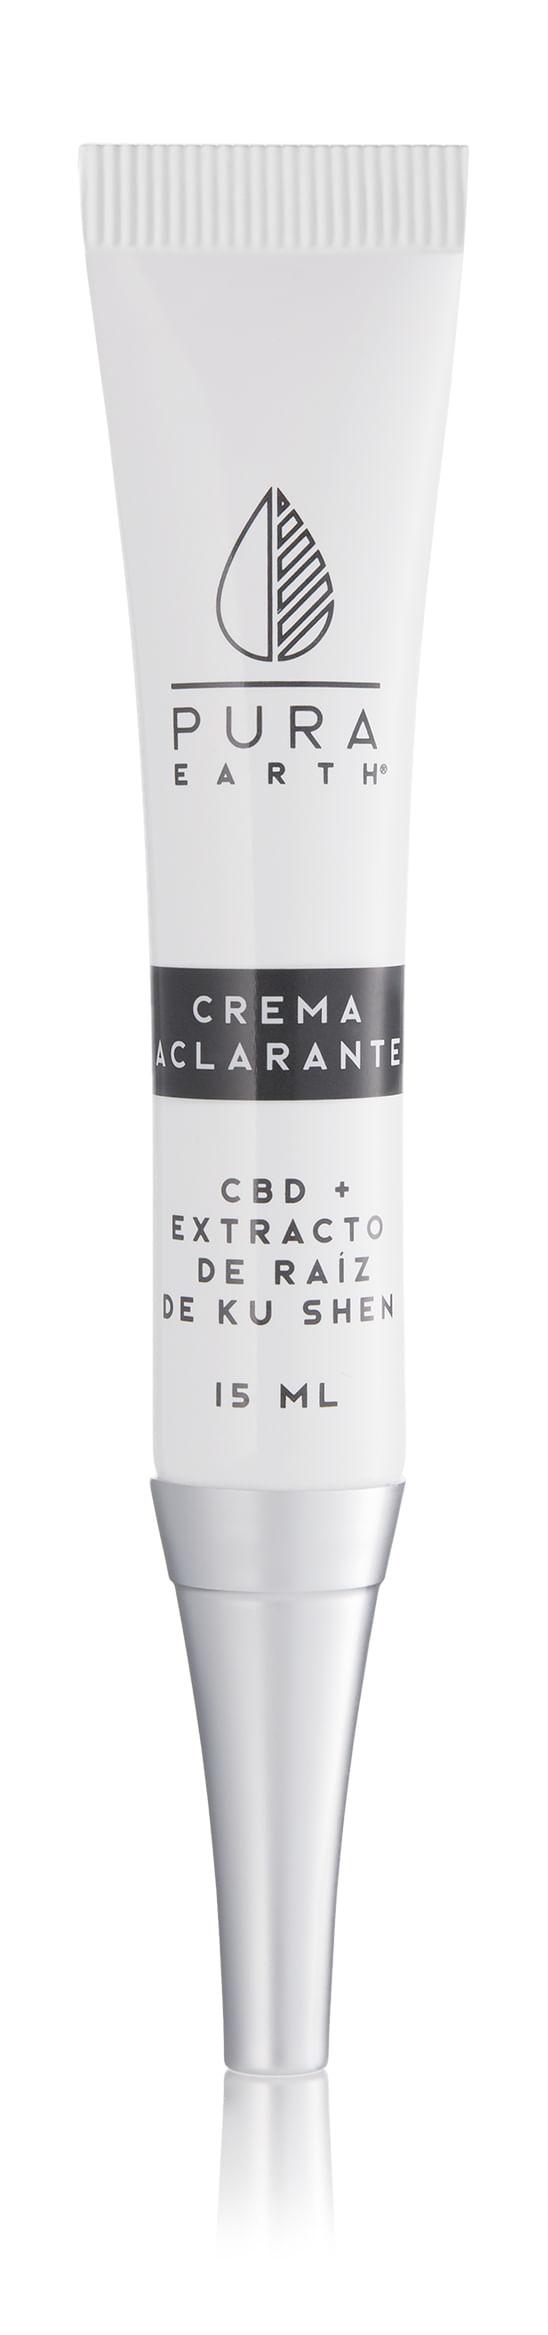 Crema Aclarante con cbd 15 ml